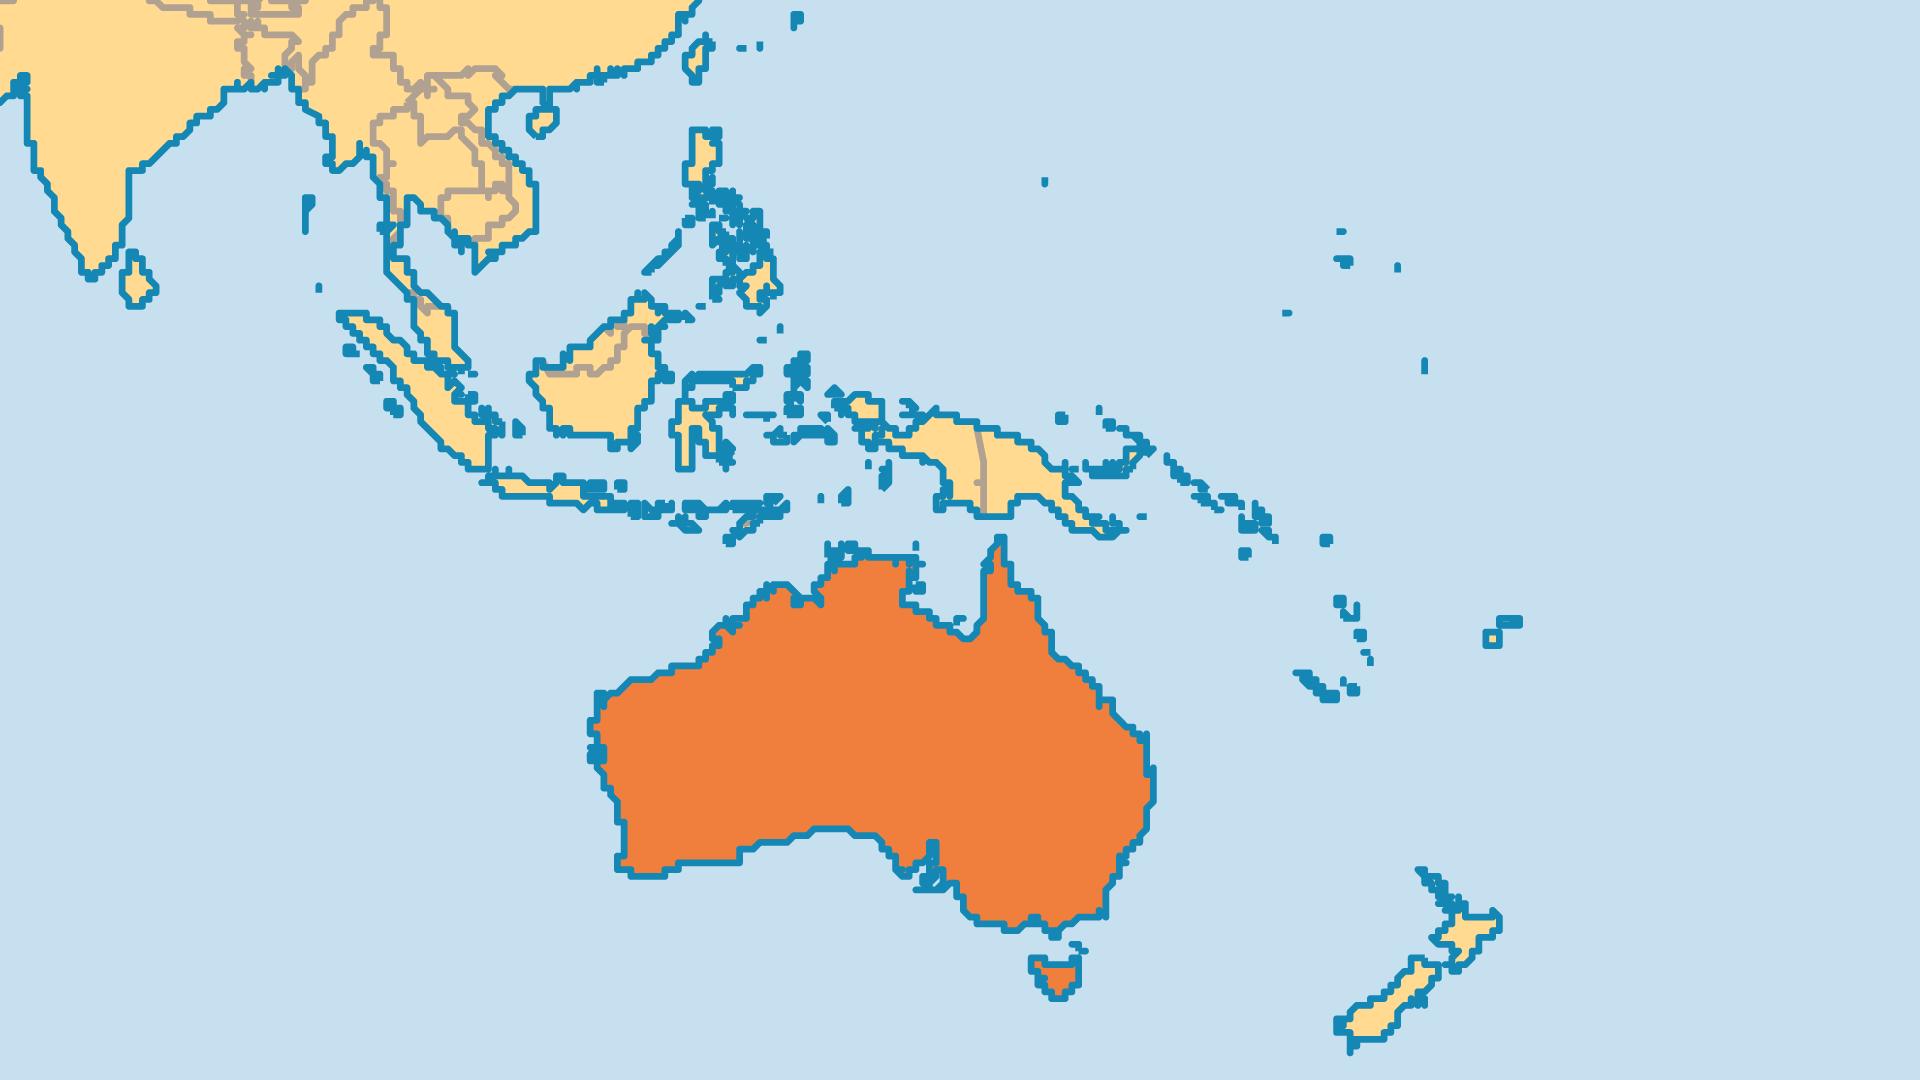 Locator Map for Australia